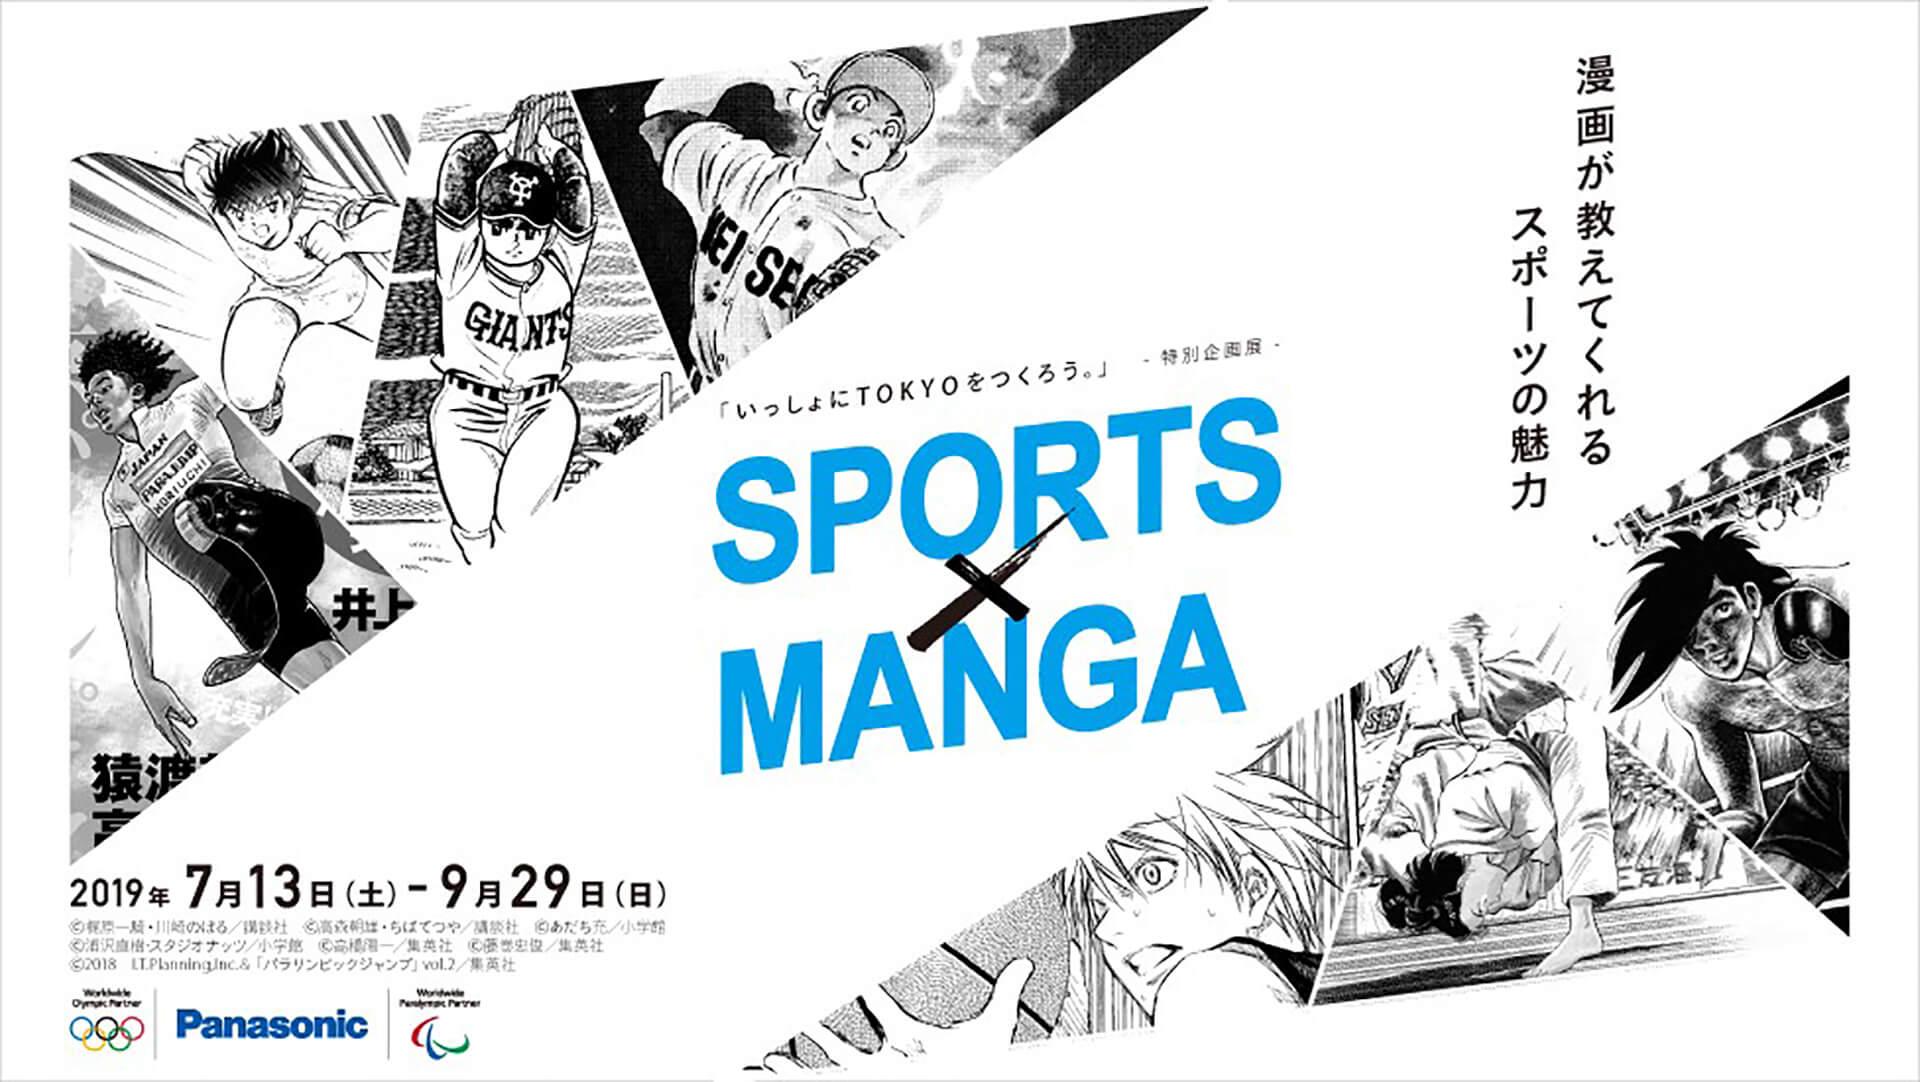 この写真は 特別企画展「SPORTS×MANGA」の告知バーナーです。人気漫画がランダムに散っている躍動的なポスターです。